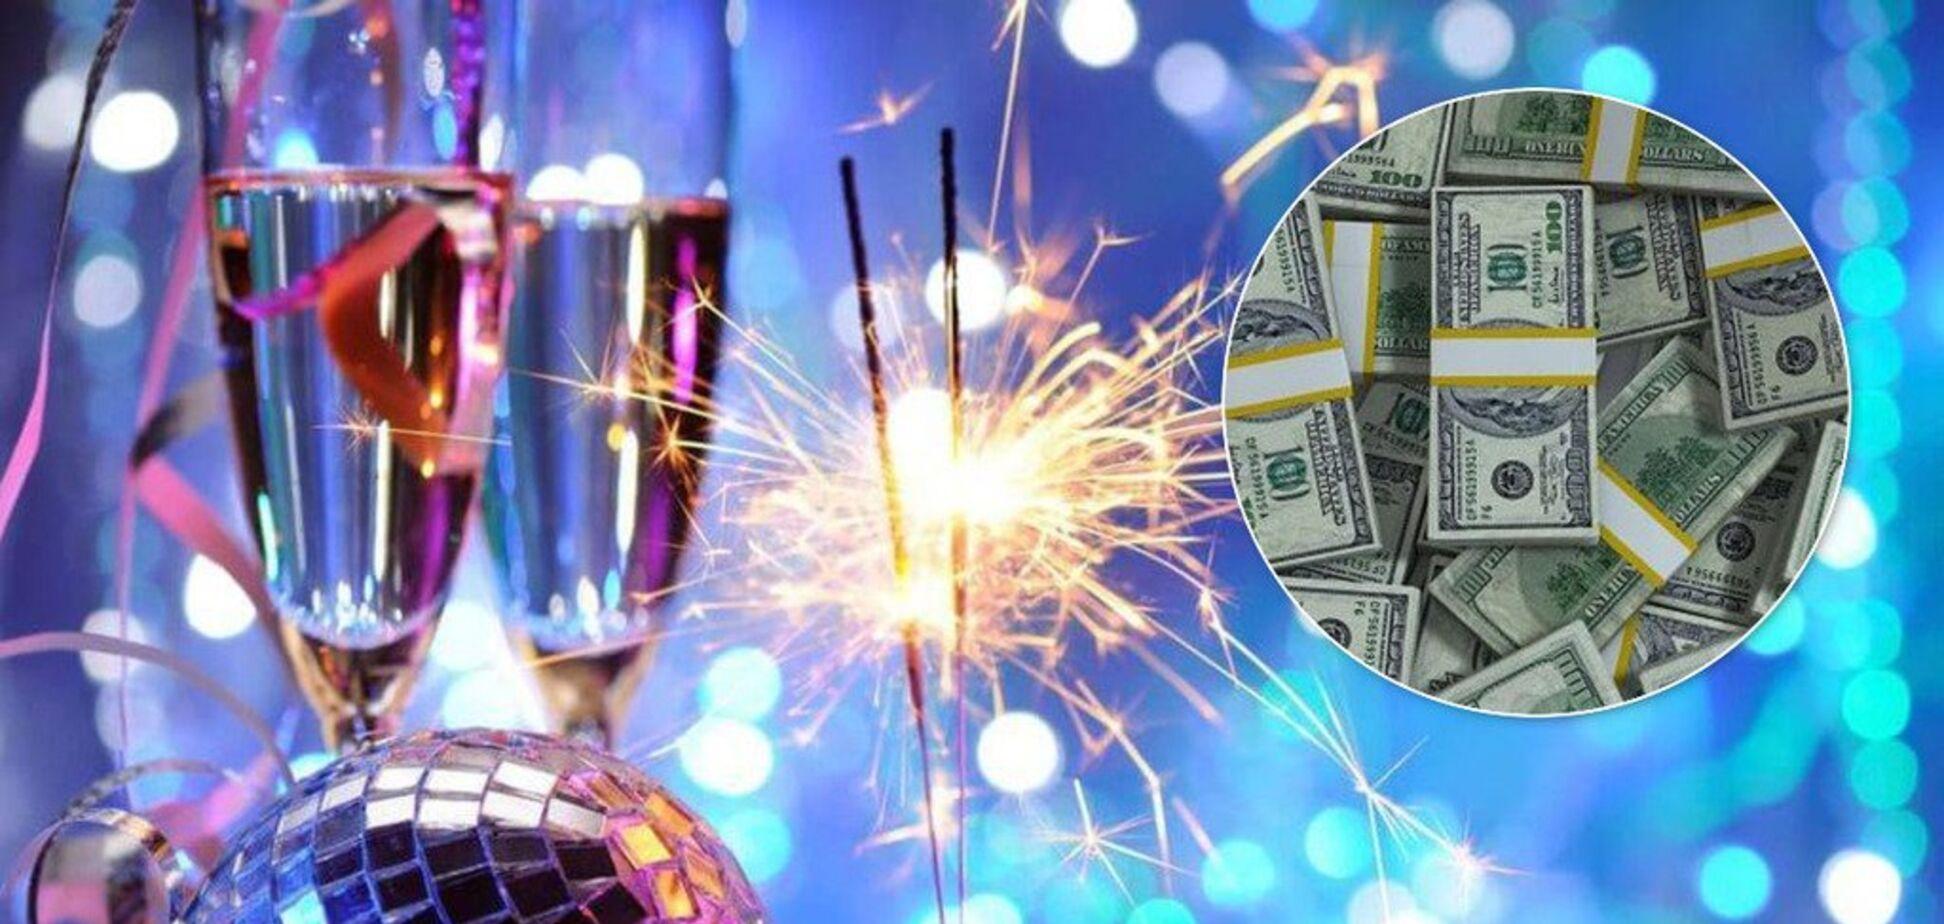 Заплатимо втридорога: як українців дурять у магазинах, кафе й на корпоративах напередодні Нового року